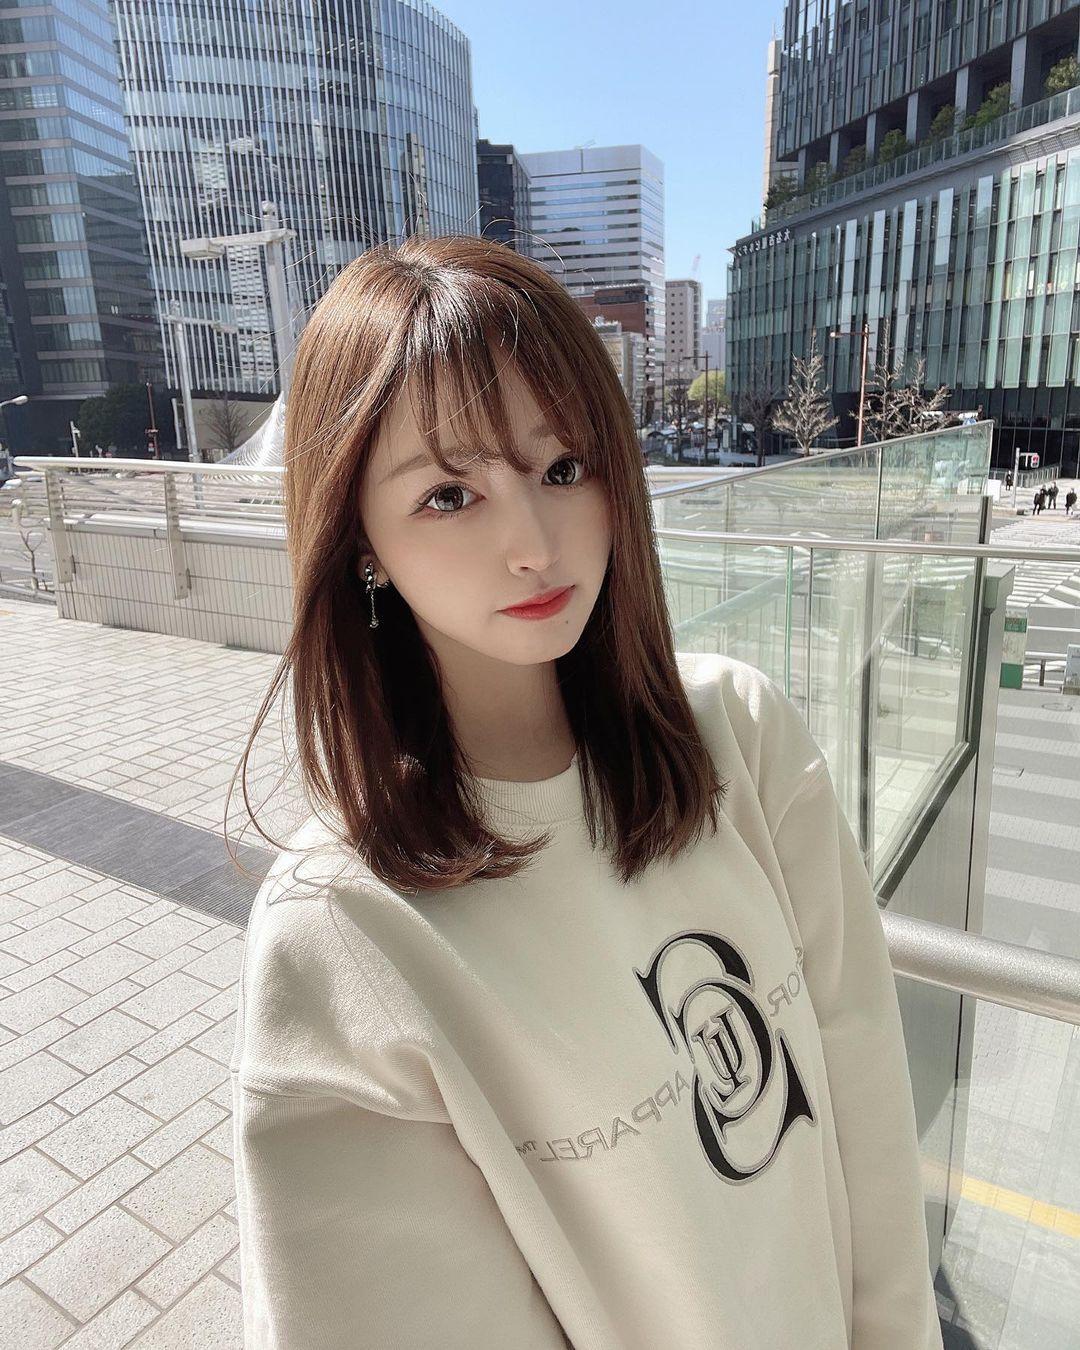 正翻了.名古屋「美女大学生」甜美又有气质,纤细小蛮腰超迷人. 日本美女 邻家女孩 美少女 养眼图片 第8张